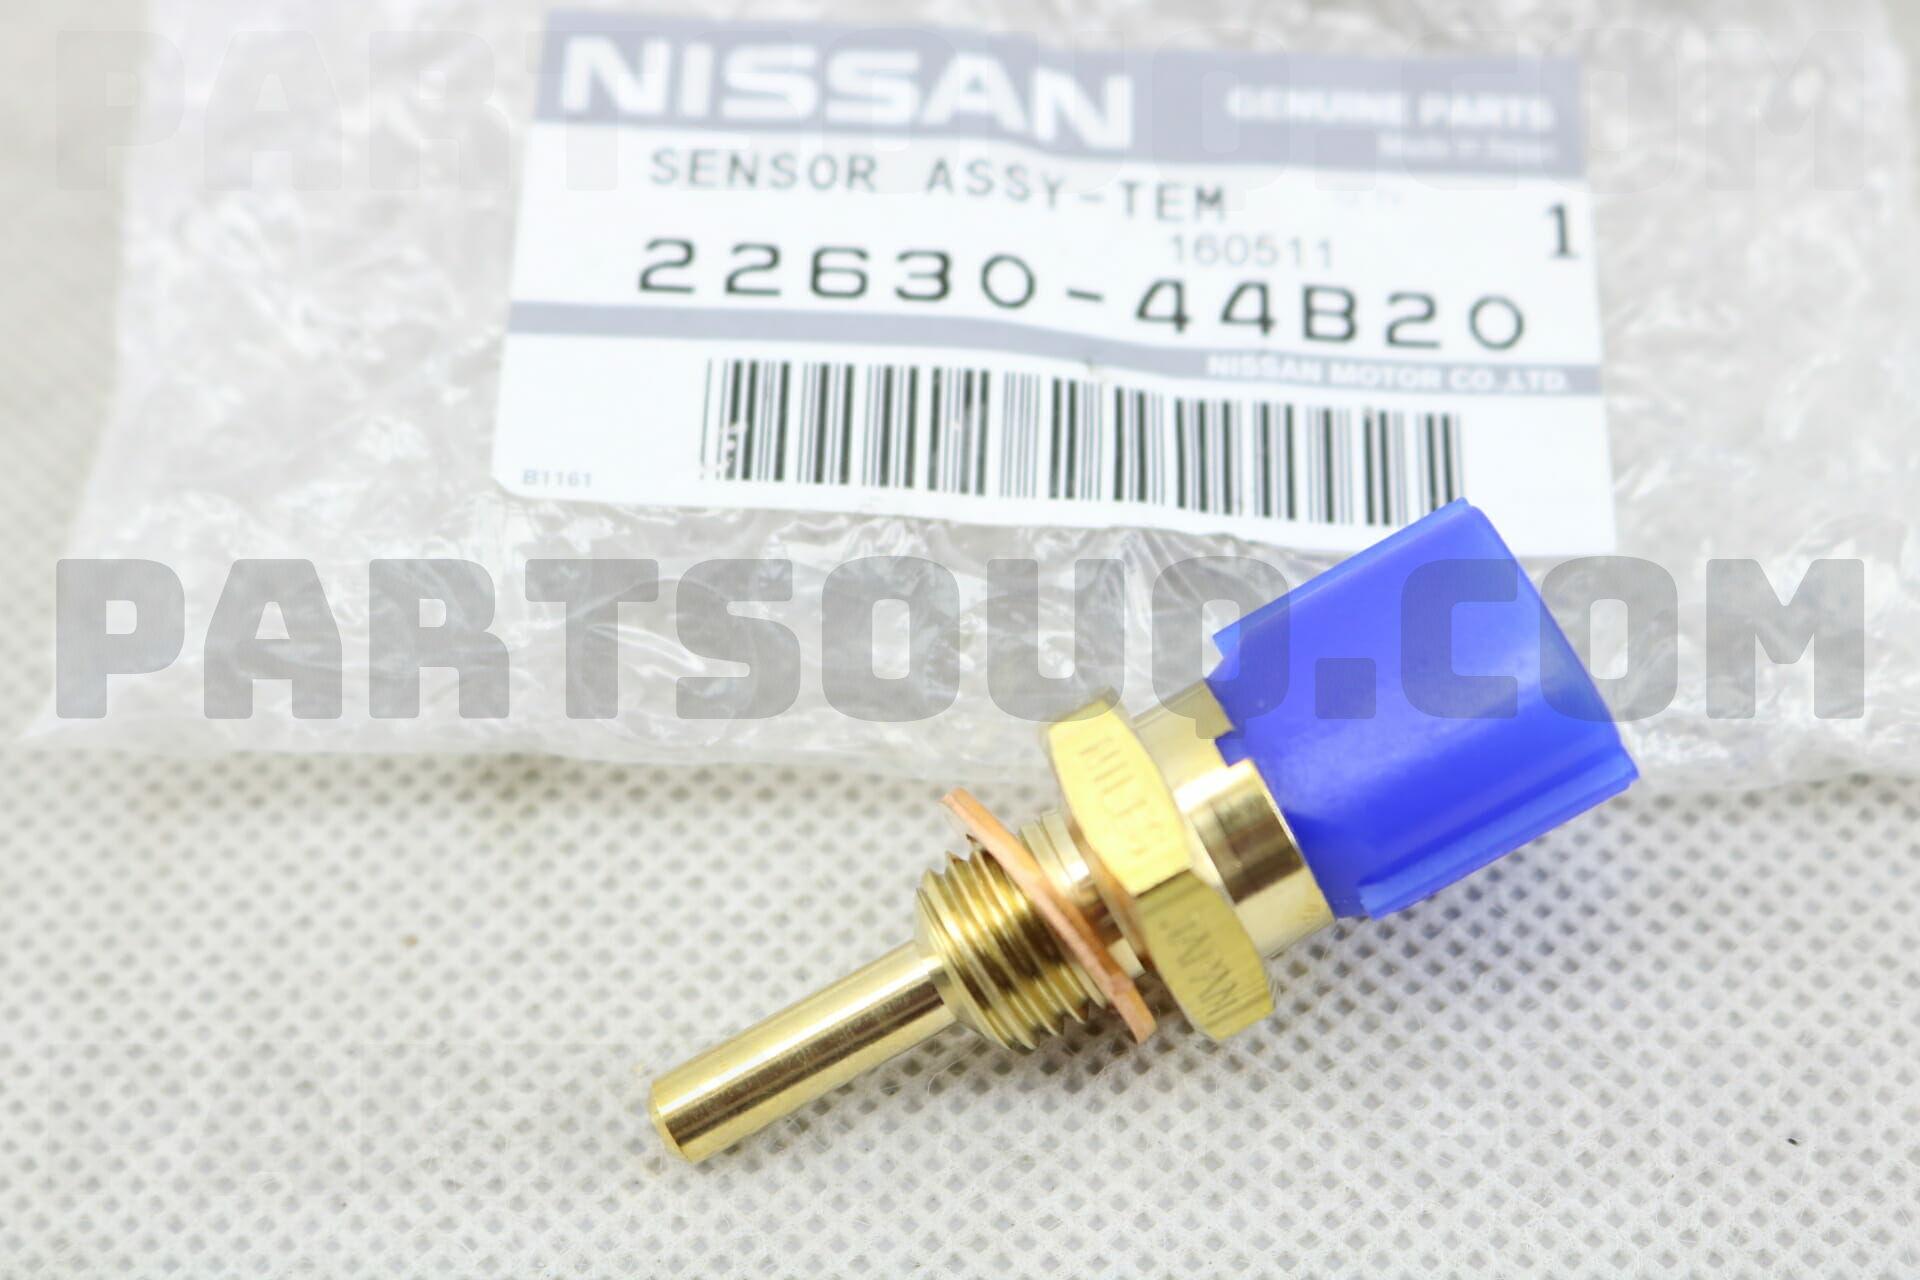 2263044b20 Nissan Engine Coolant Temperature Sensor Price 2456